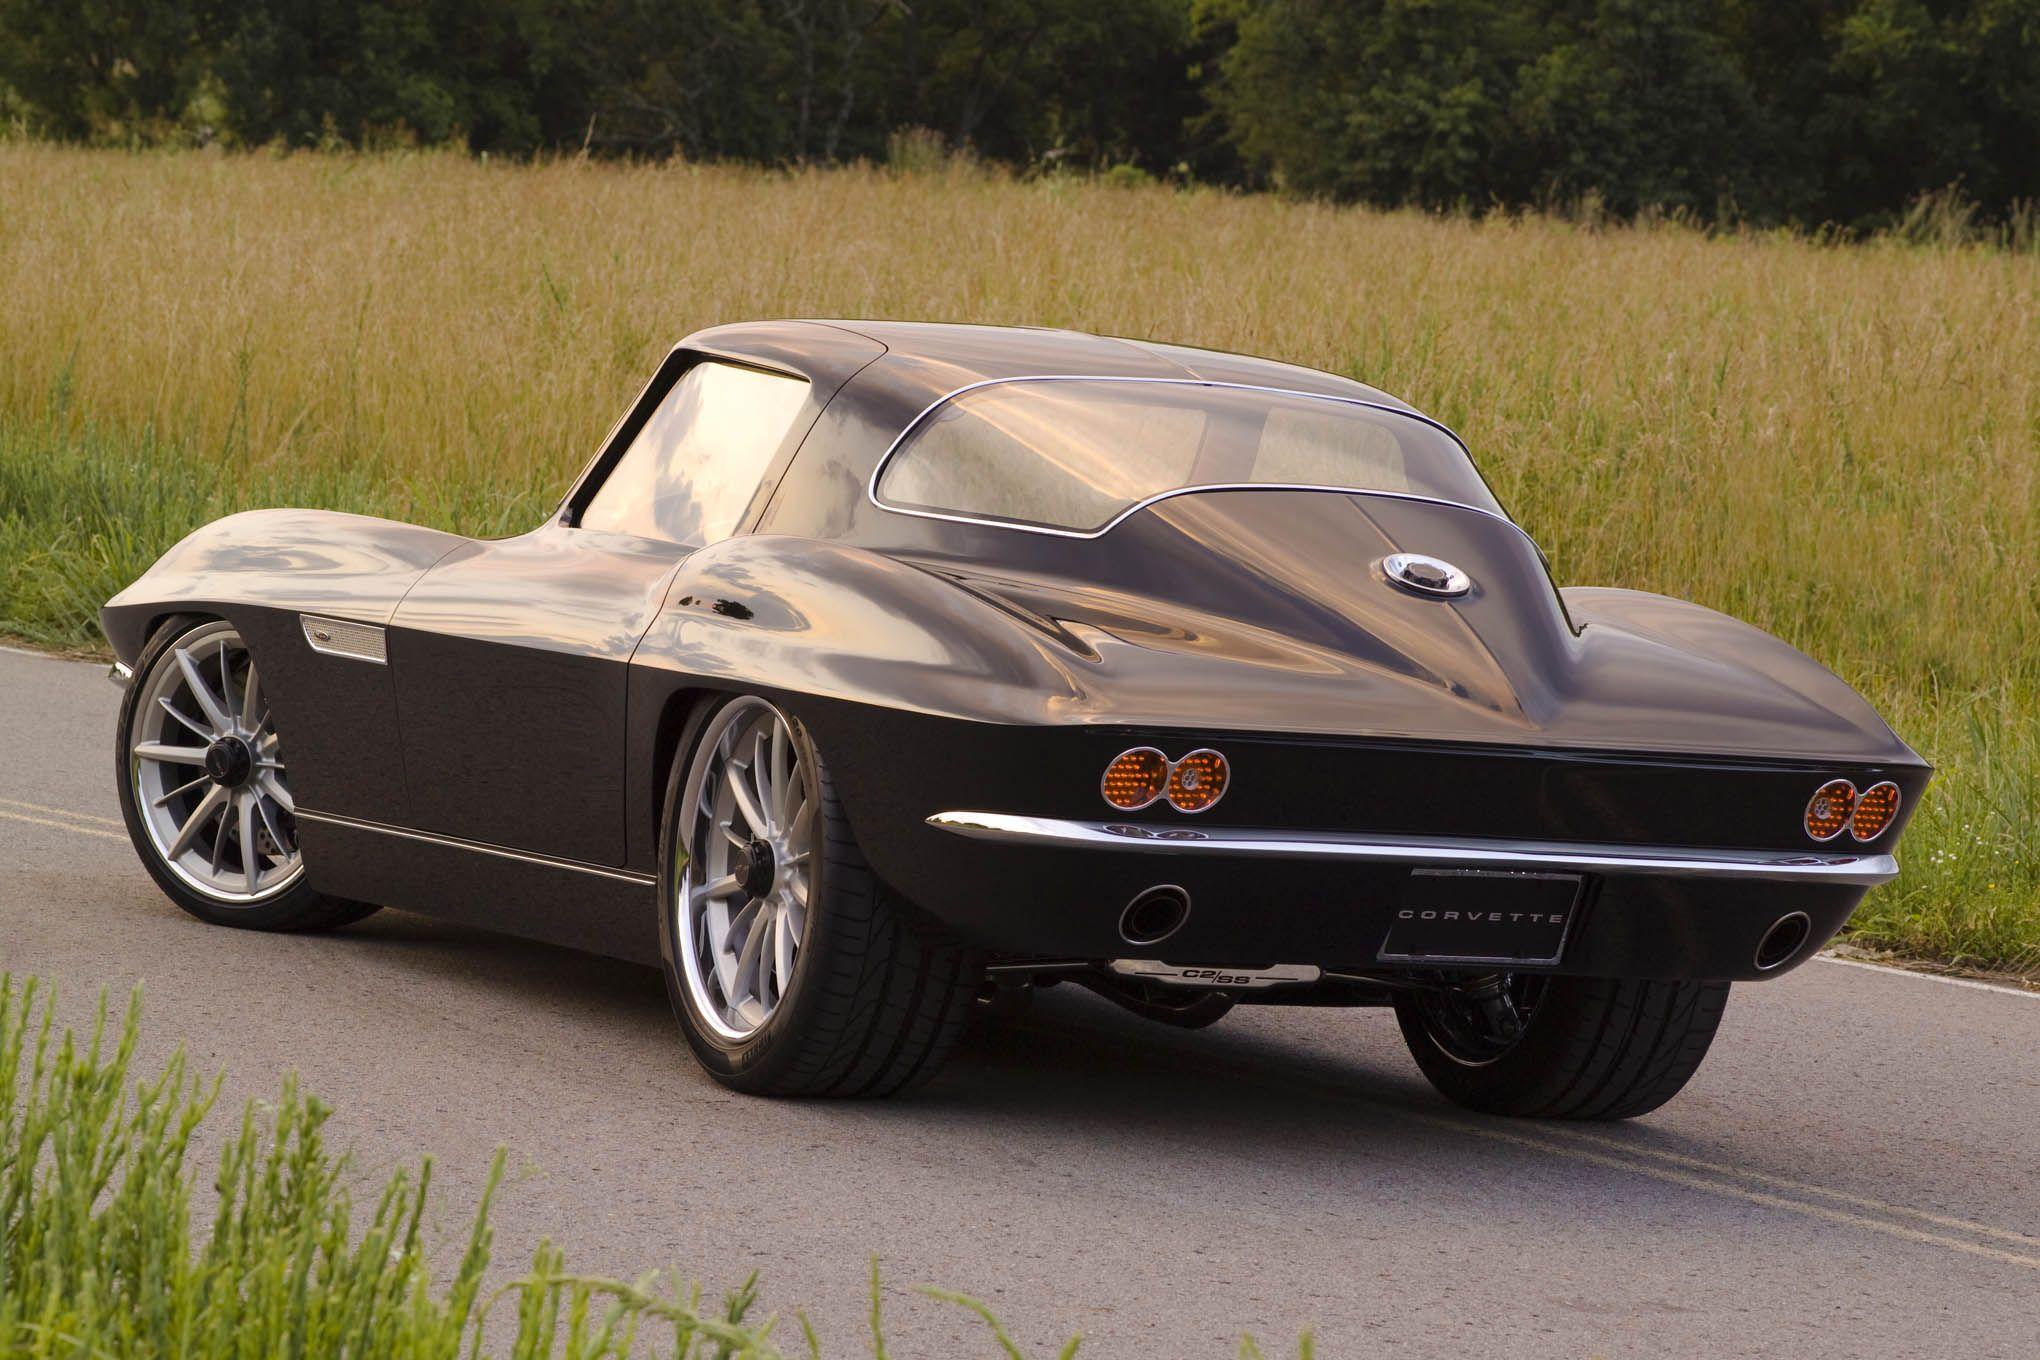 015-1965-corvette-sting-ray-black-ridler-woodall-